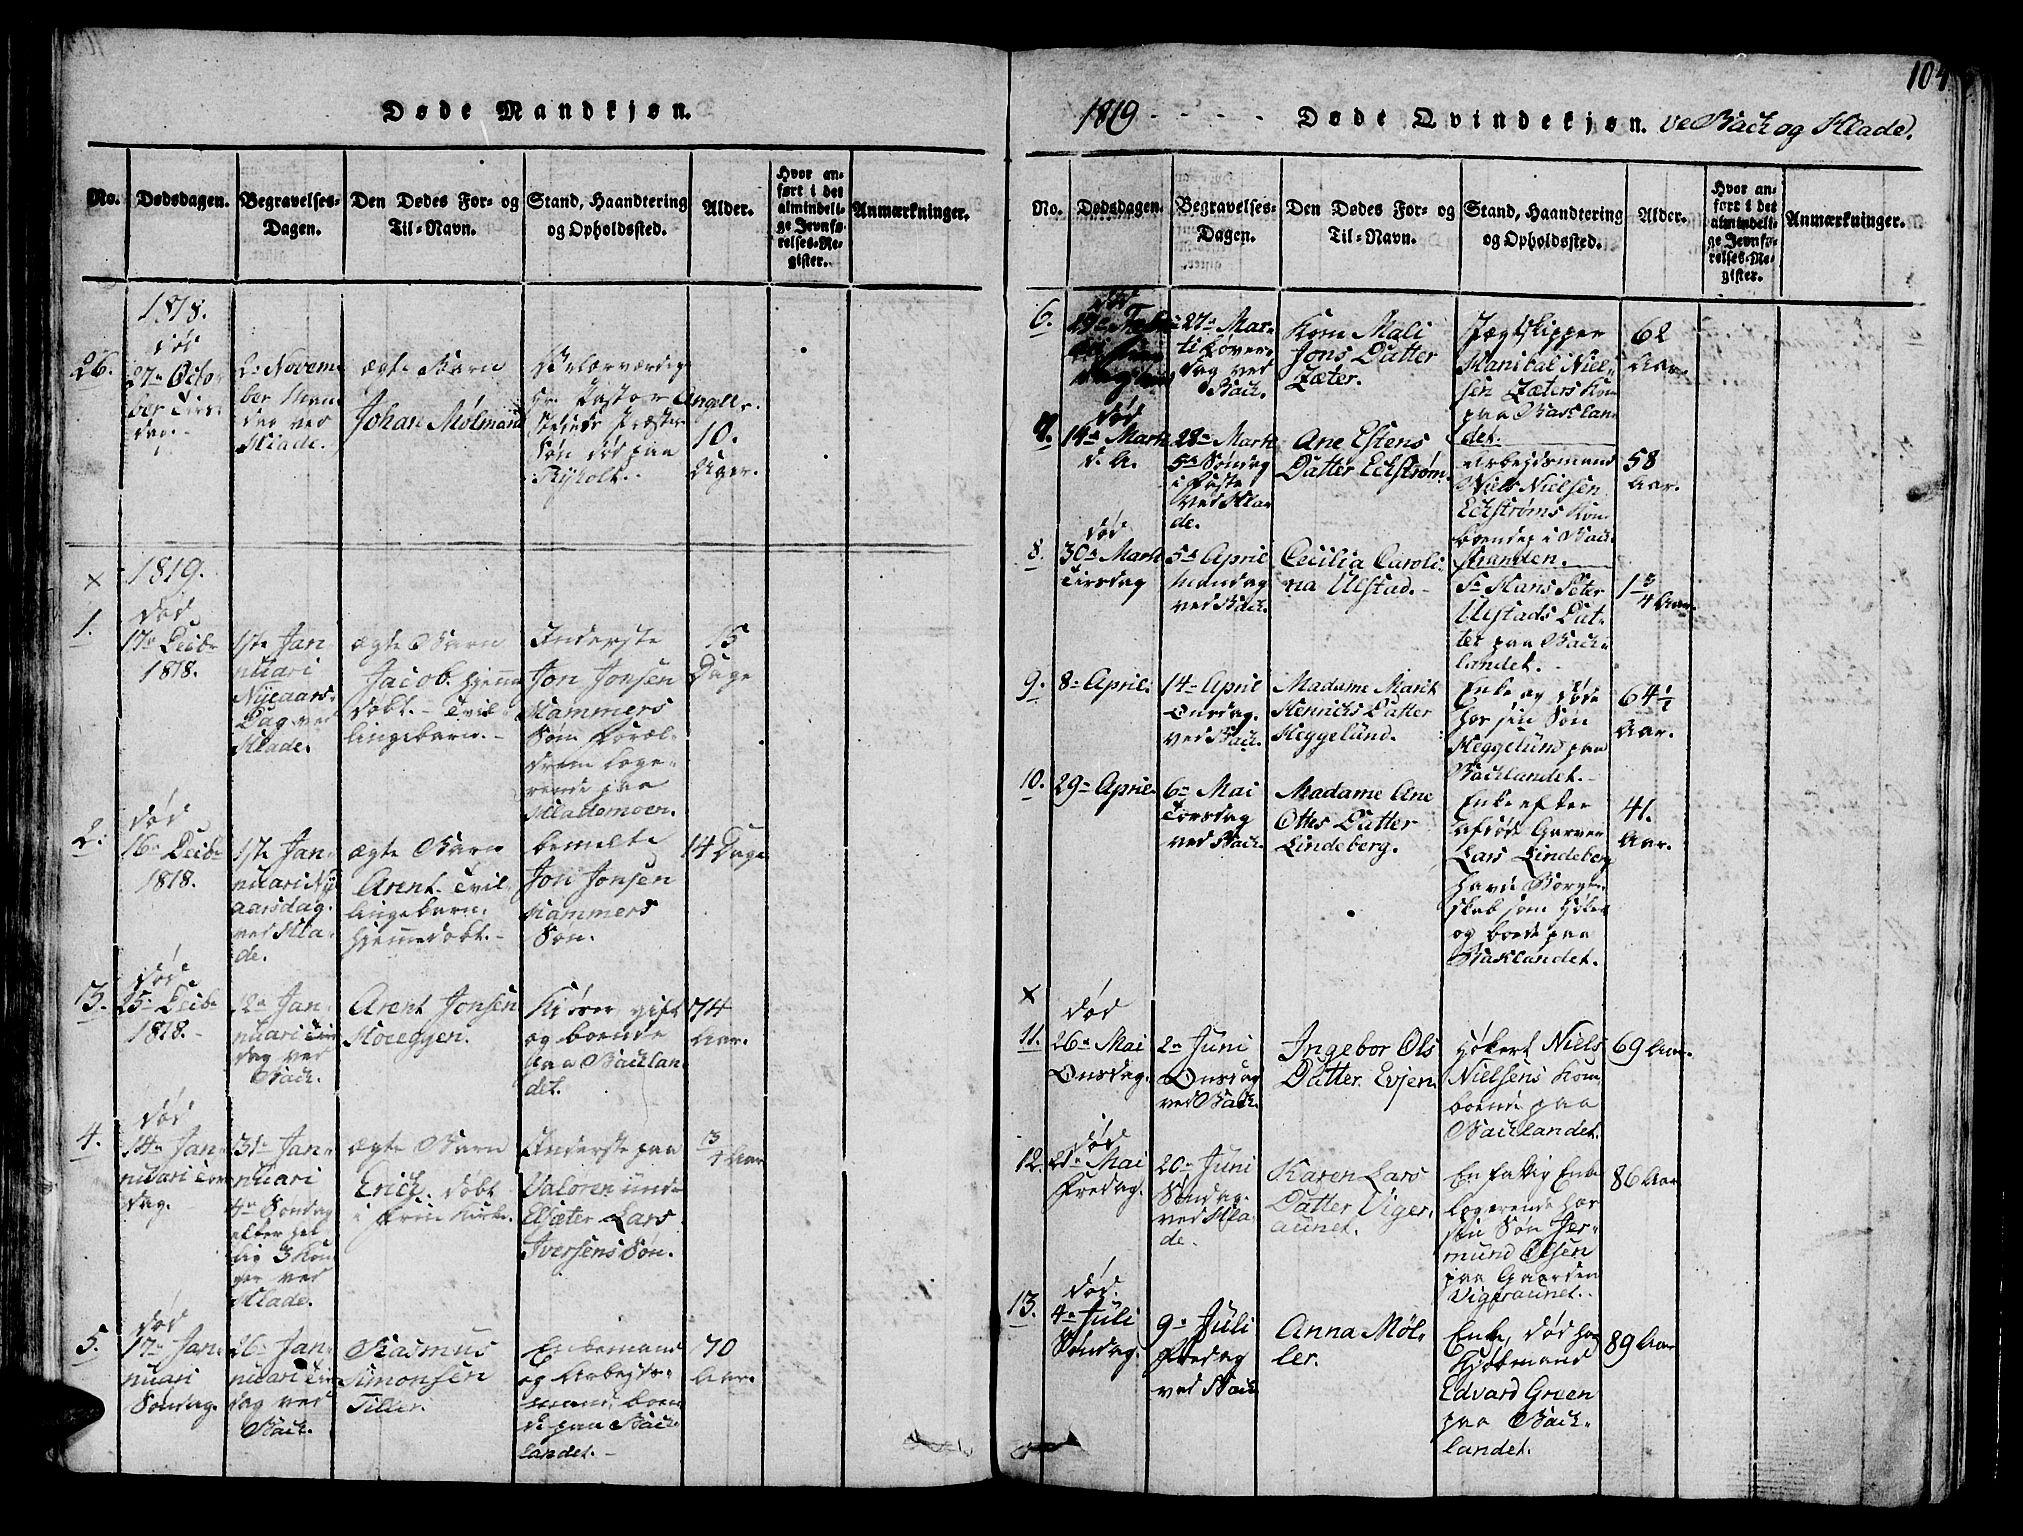 SAT, Ministerialprotokoller, klokkerbøker og fødselsregistre - Sør-Trøndelag, 606/L0307: Klokkerbok nr. 606C03, 1817-1824, s. 104